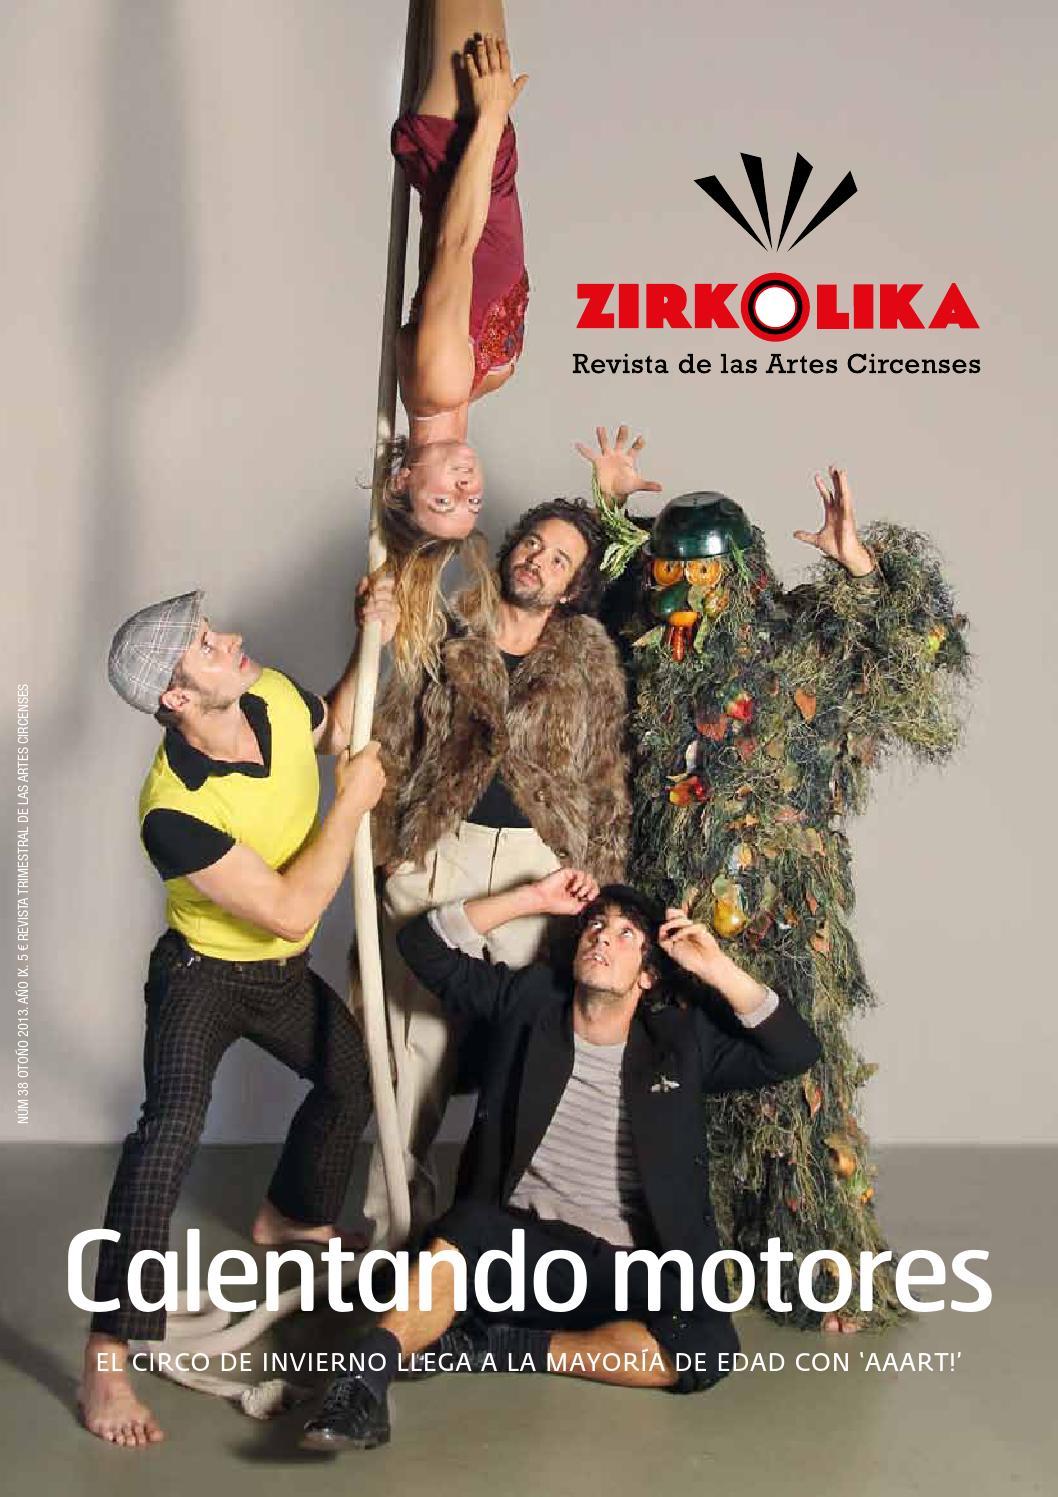 Zirkolika 38 By Zirkolika Revista Del Circo Y Las Artes